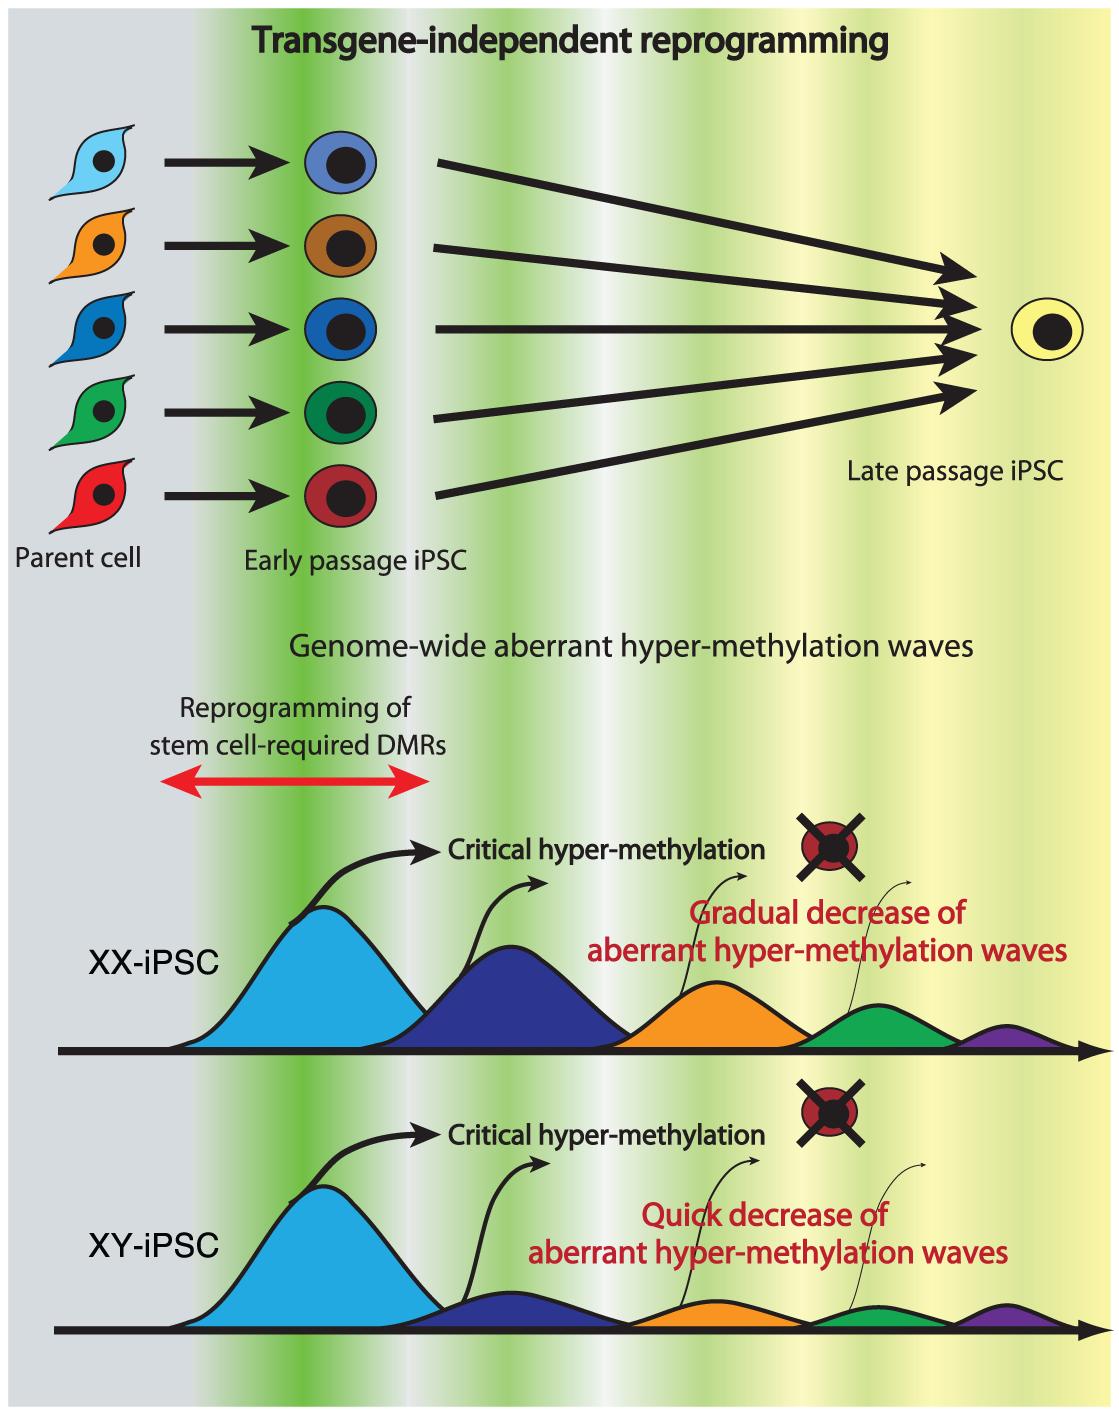 Model of mechanism for transgene-independent reprogramming.